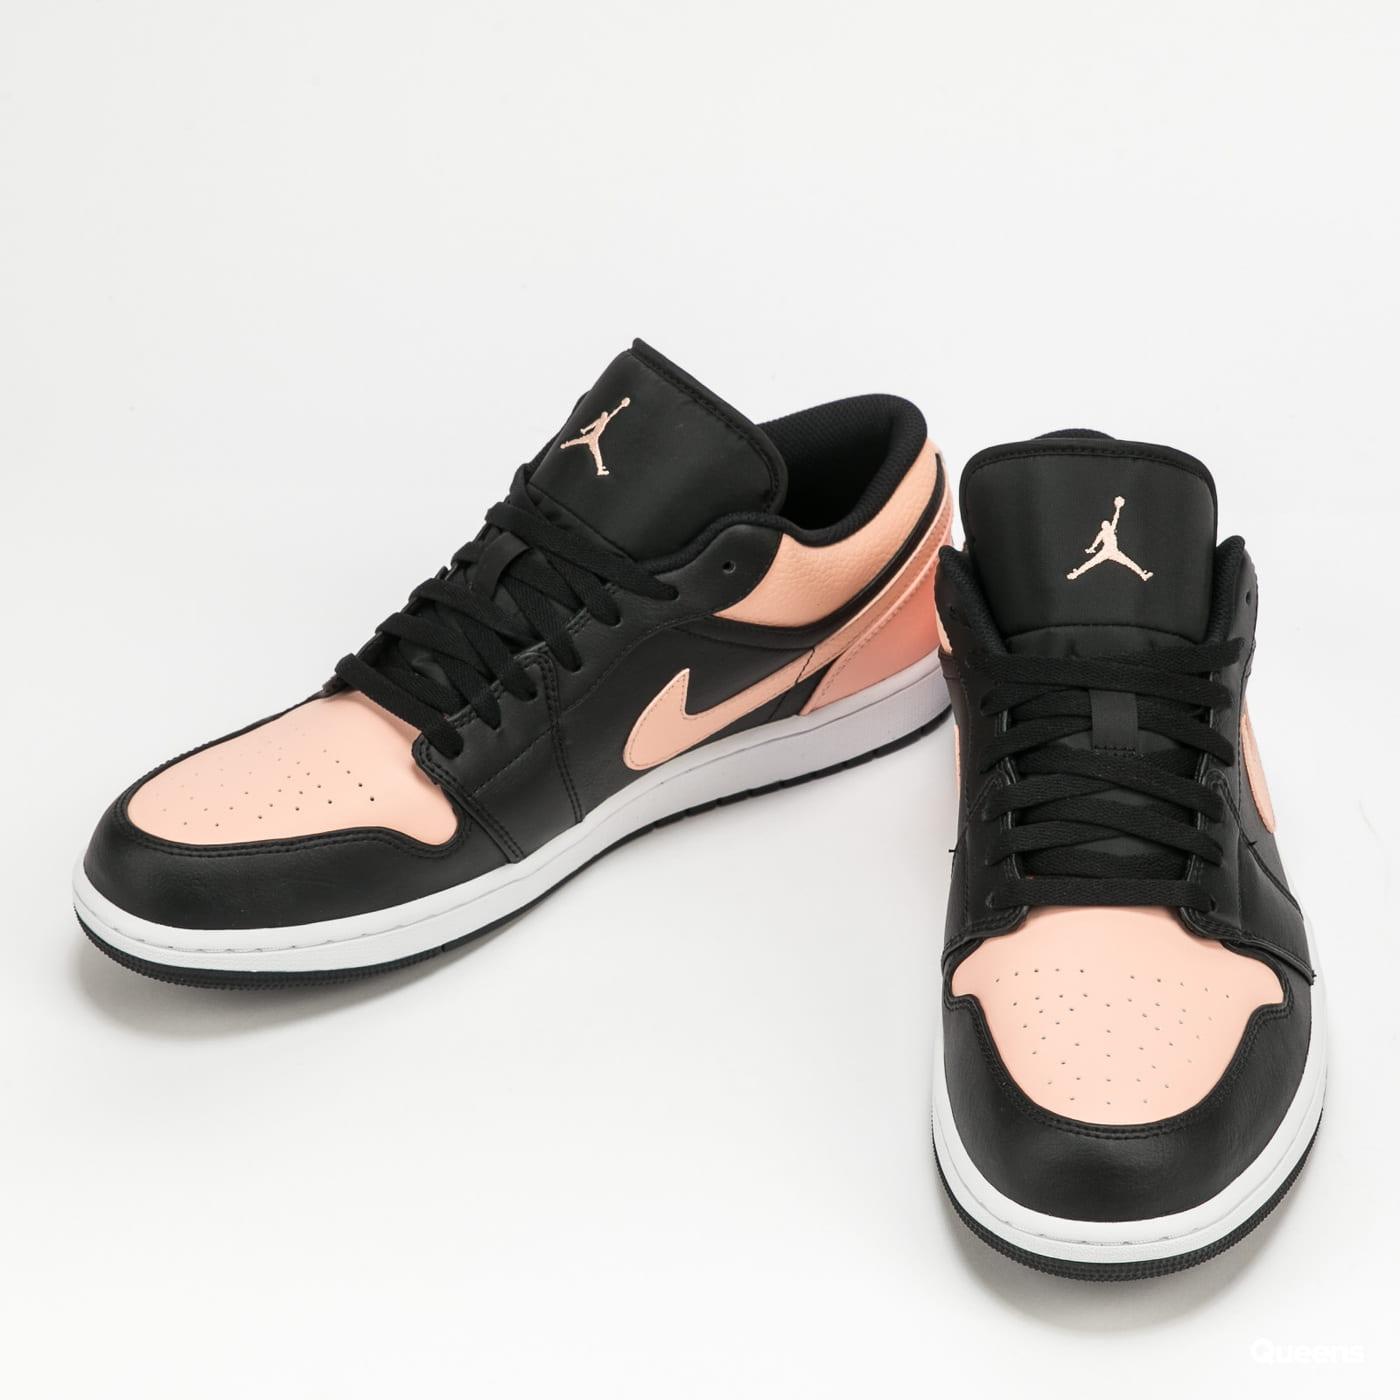 Jordan Air Jordan 1 Low black / arctic orange - white